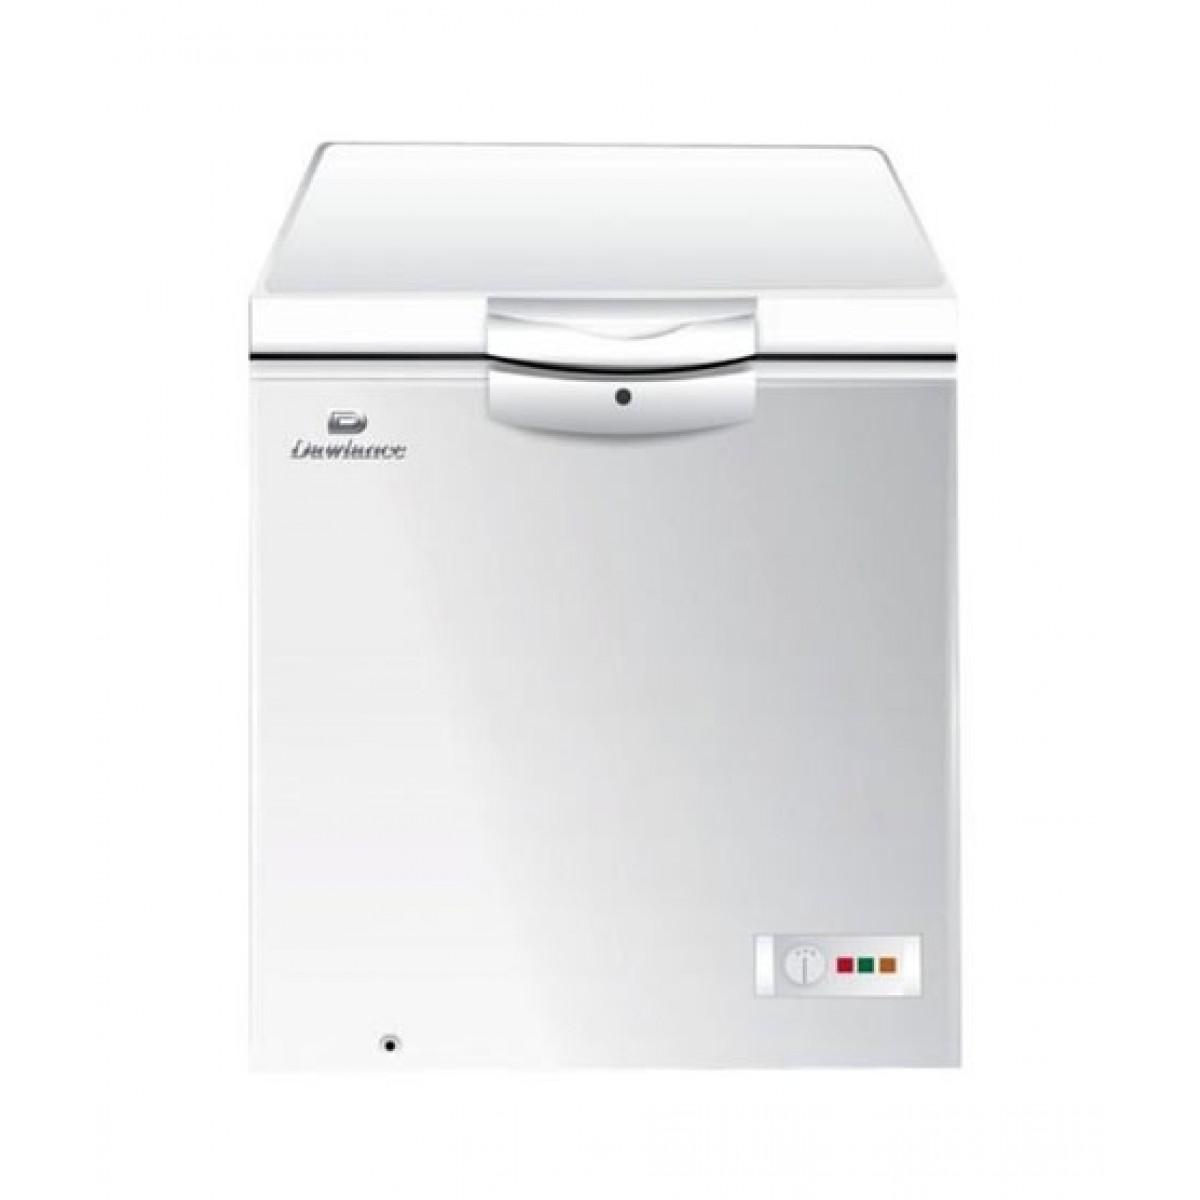 Dawlance Single Door Deep Freezer 7 Cu Ft (DF-200 ES)